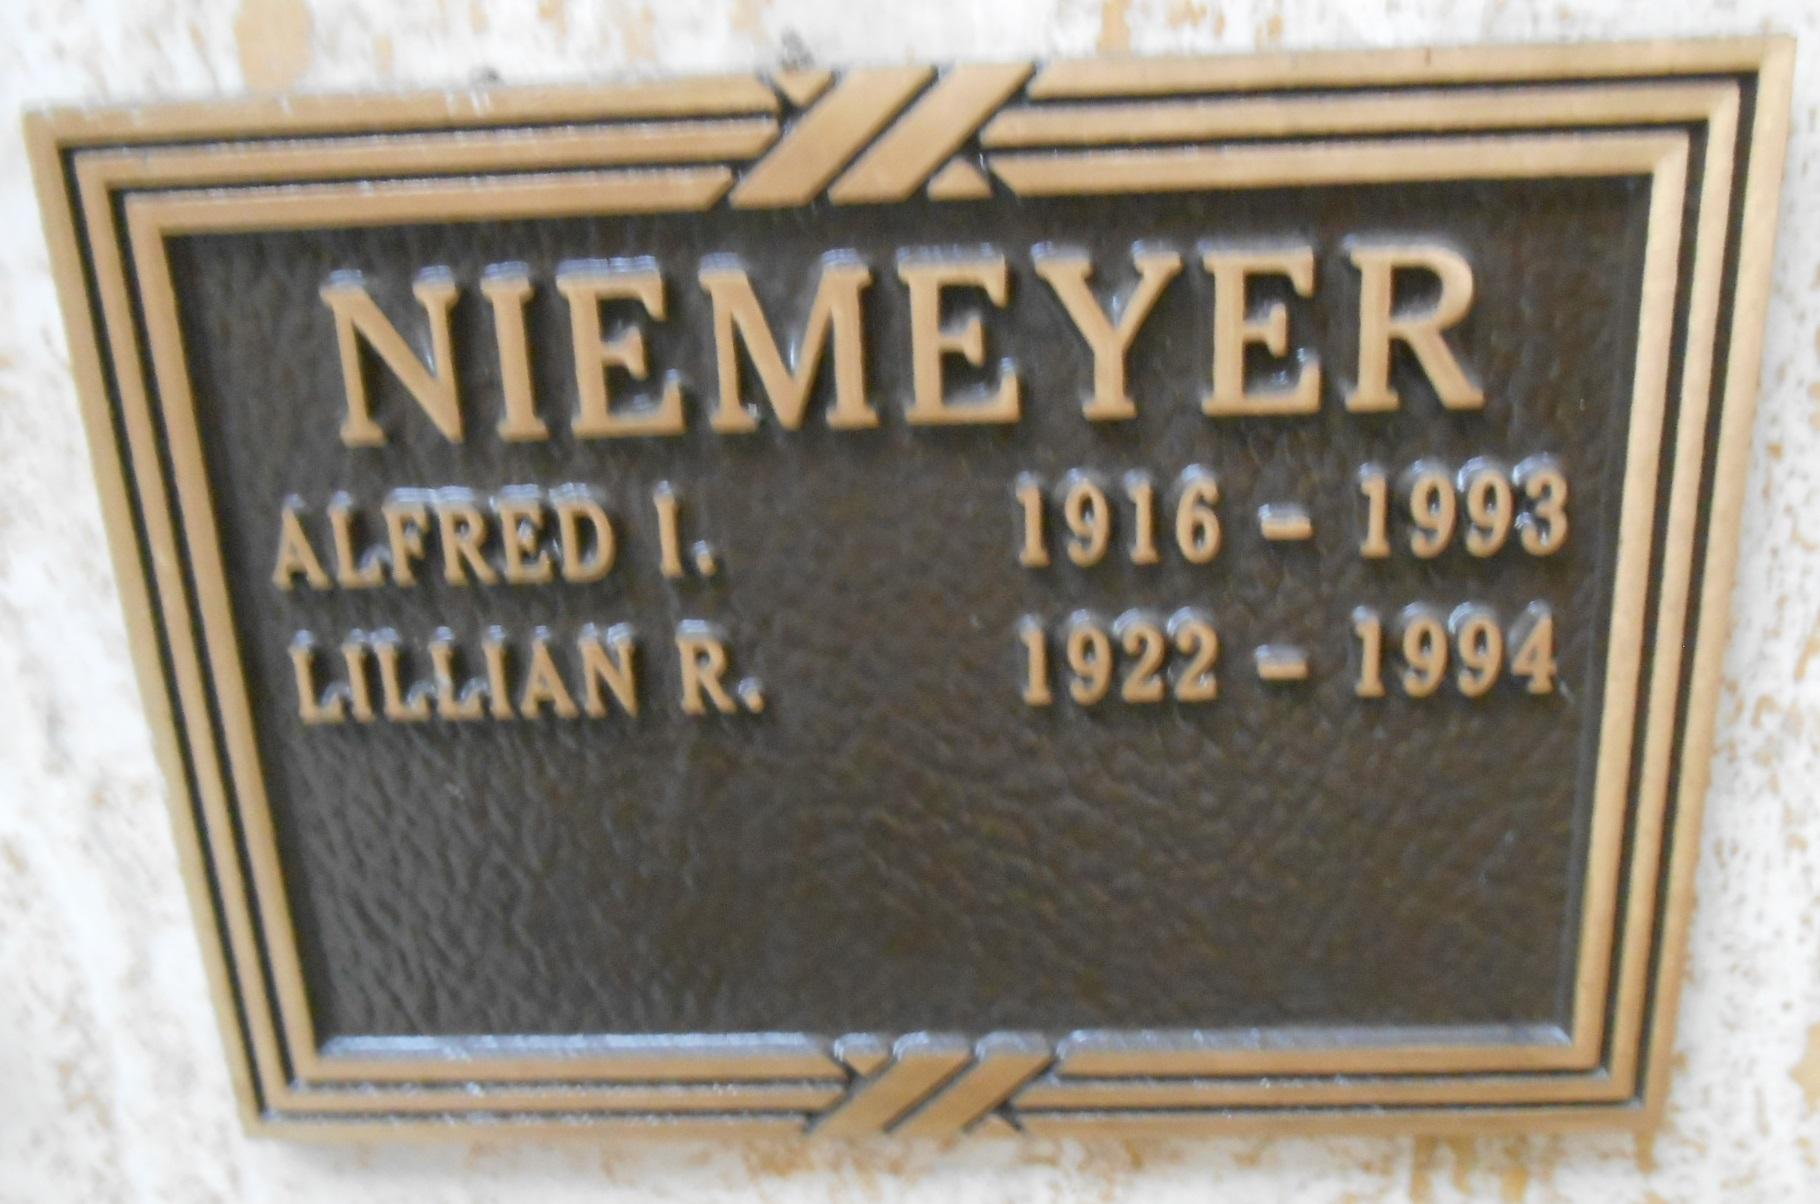 Alfred Irvine Niemeyer